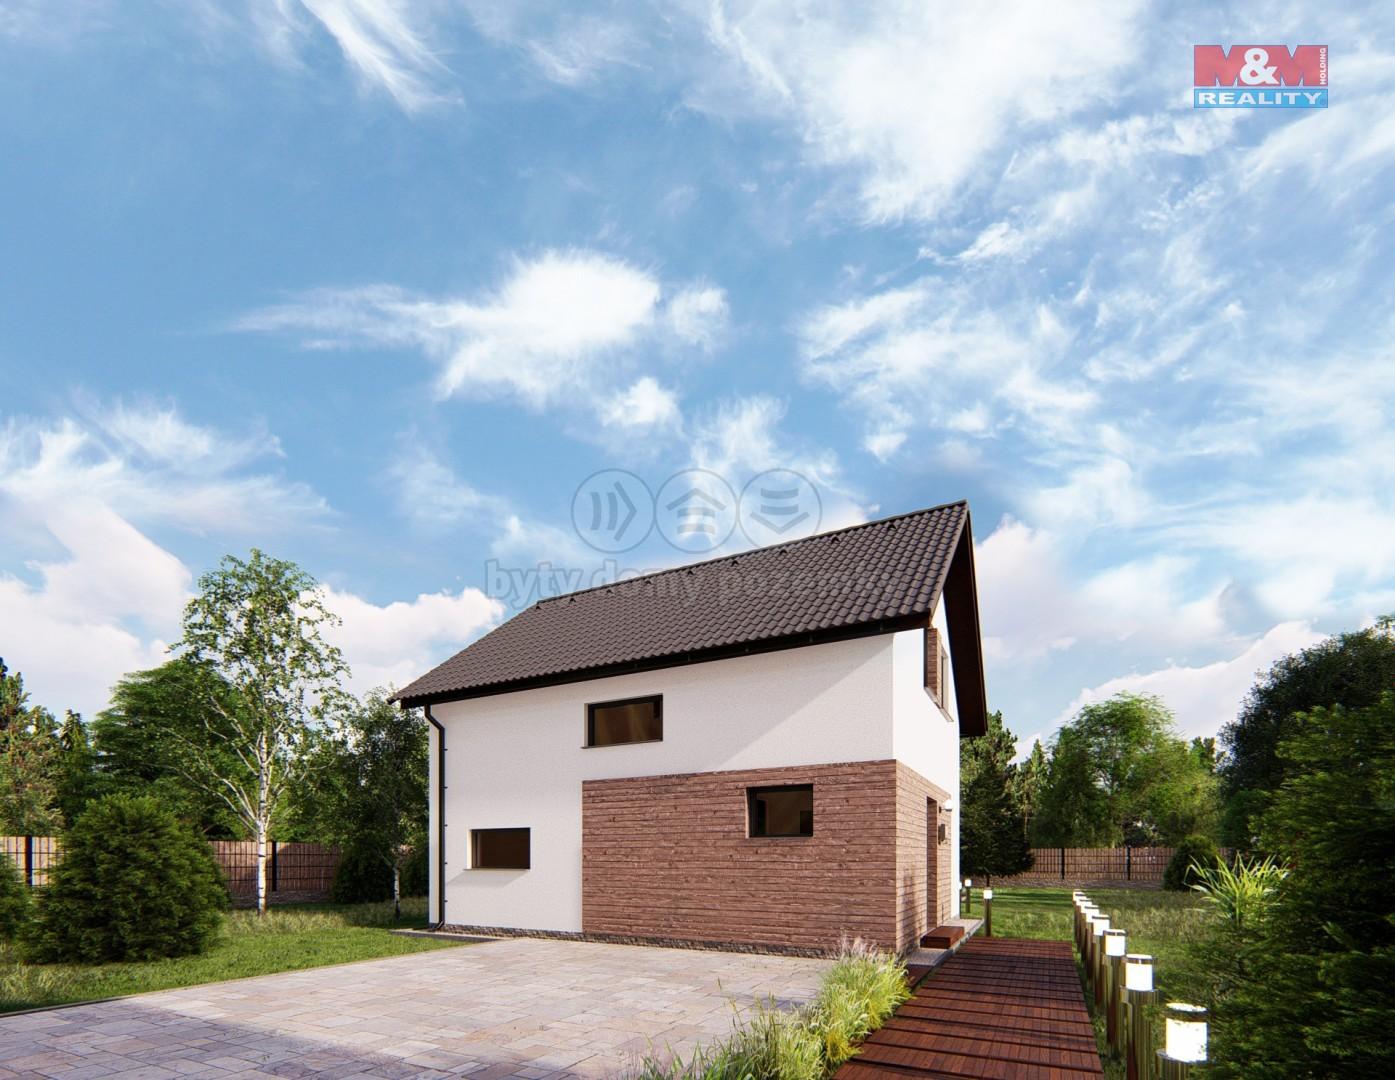 Prodej, rodinný dům a pozemek, 384 m2, Benešov nad Ploučnicí